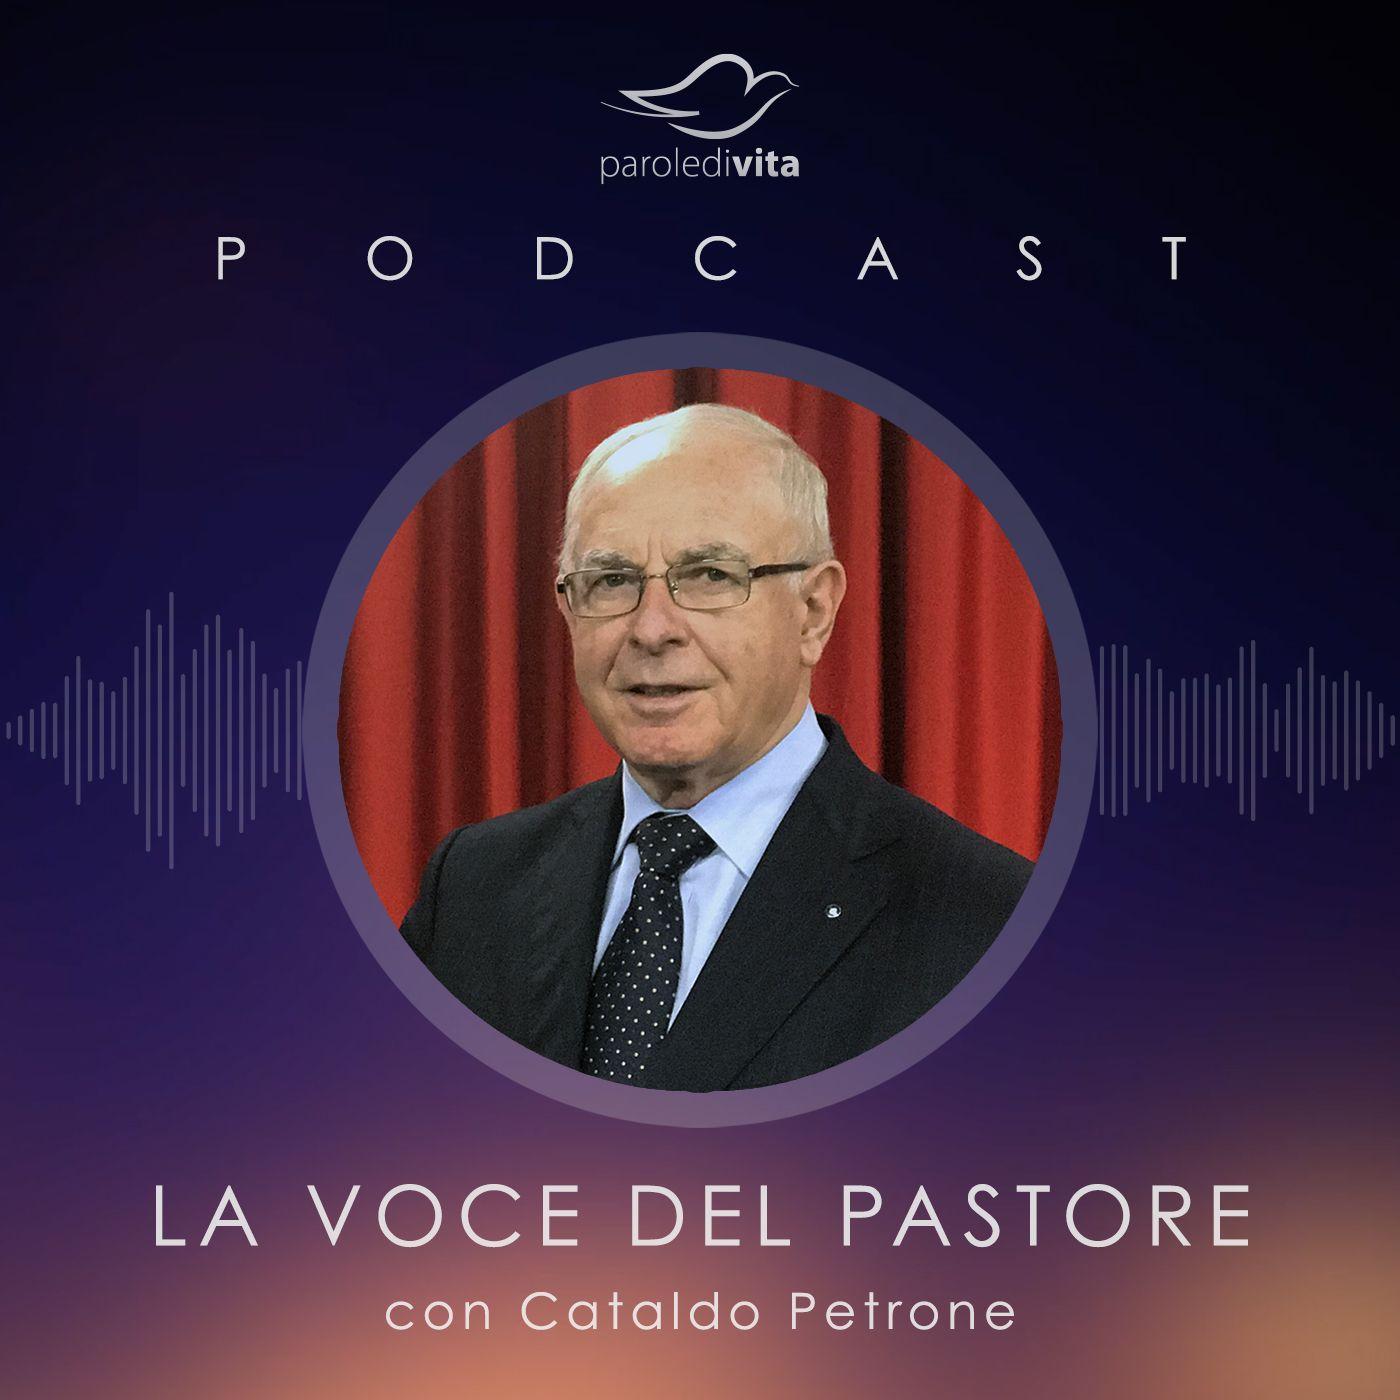 Speciale Preghiera ospiti Samuele Gioeli, Domenico Scutifero, Gianluca Rizzo e Paolino Baldari • 04 Maggio 2021